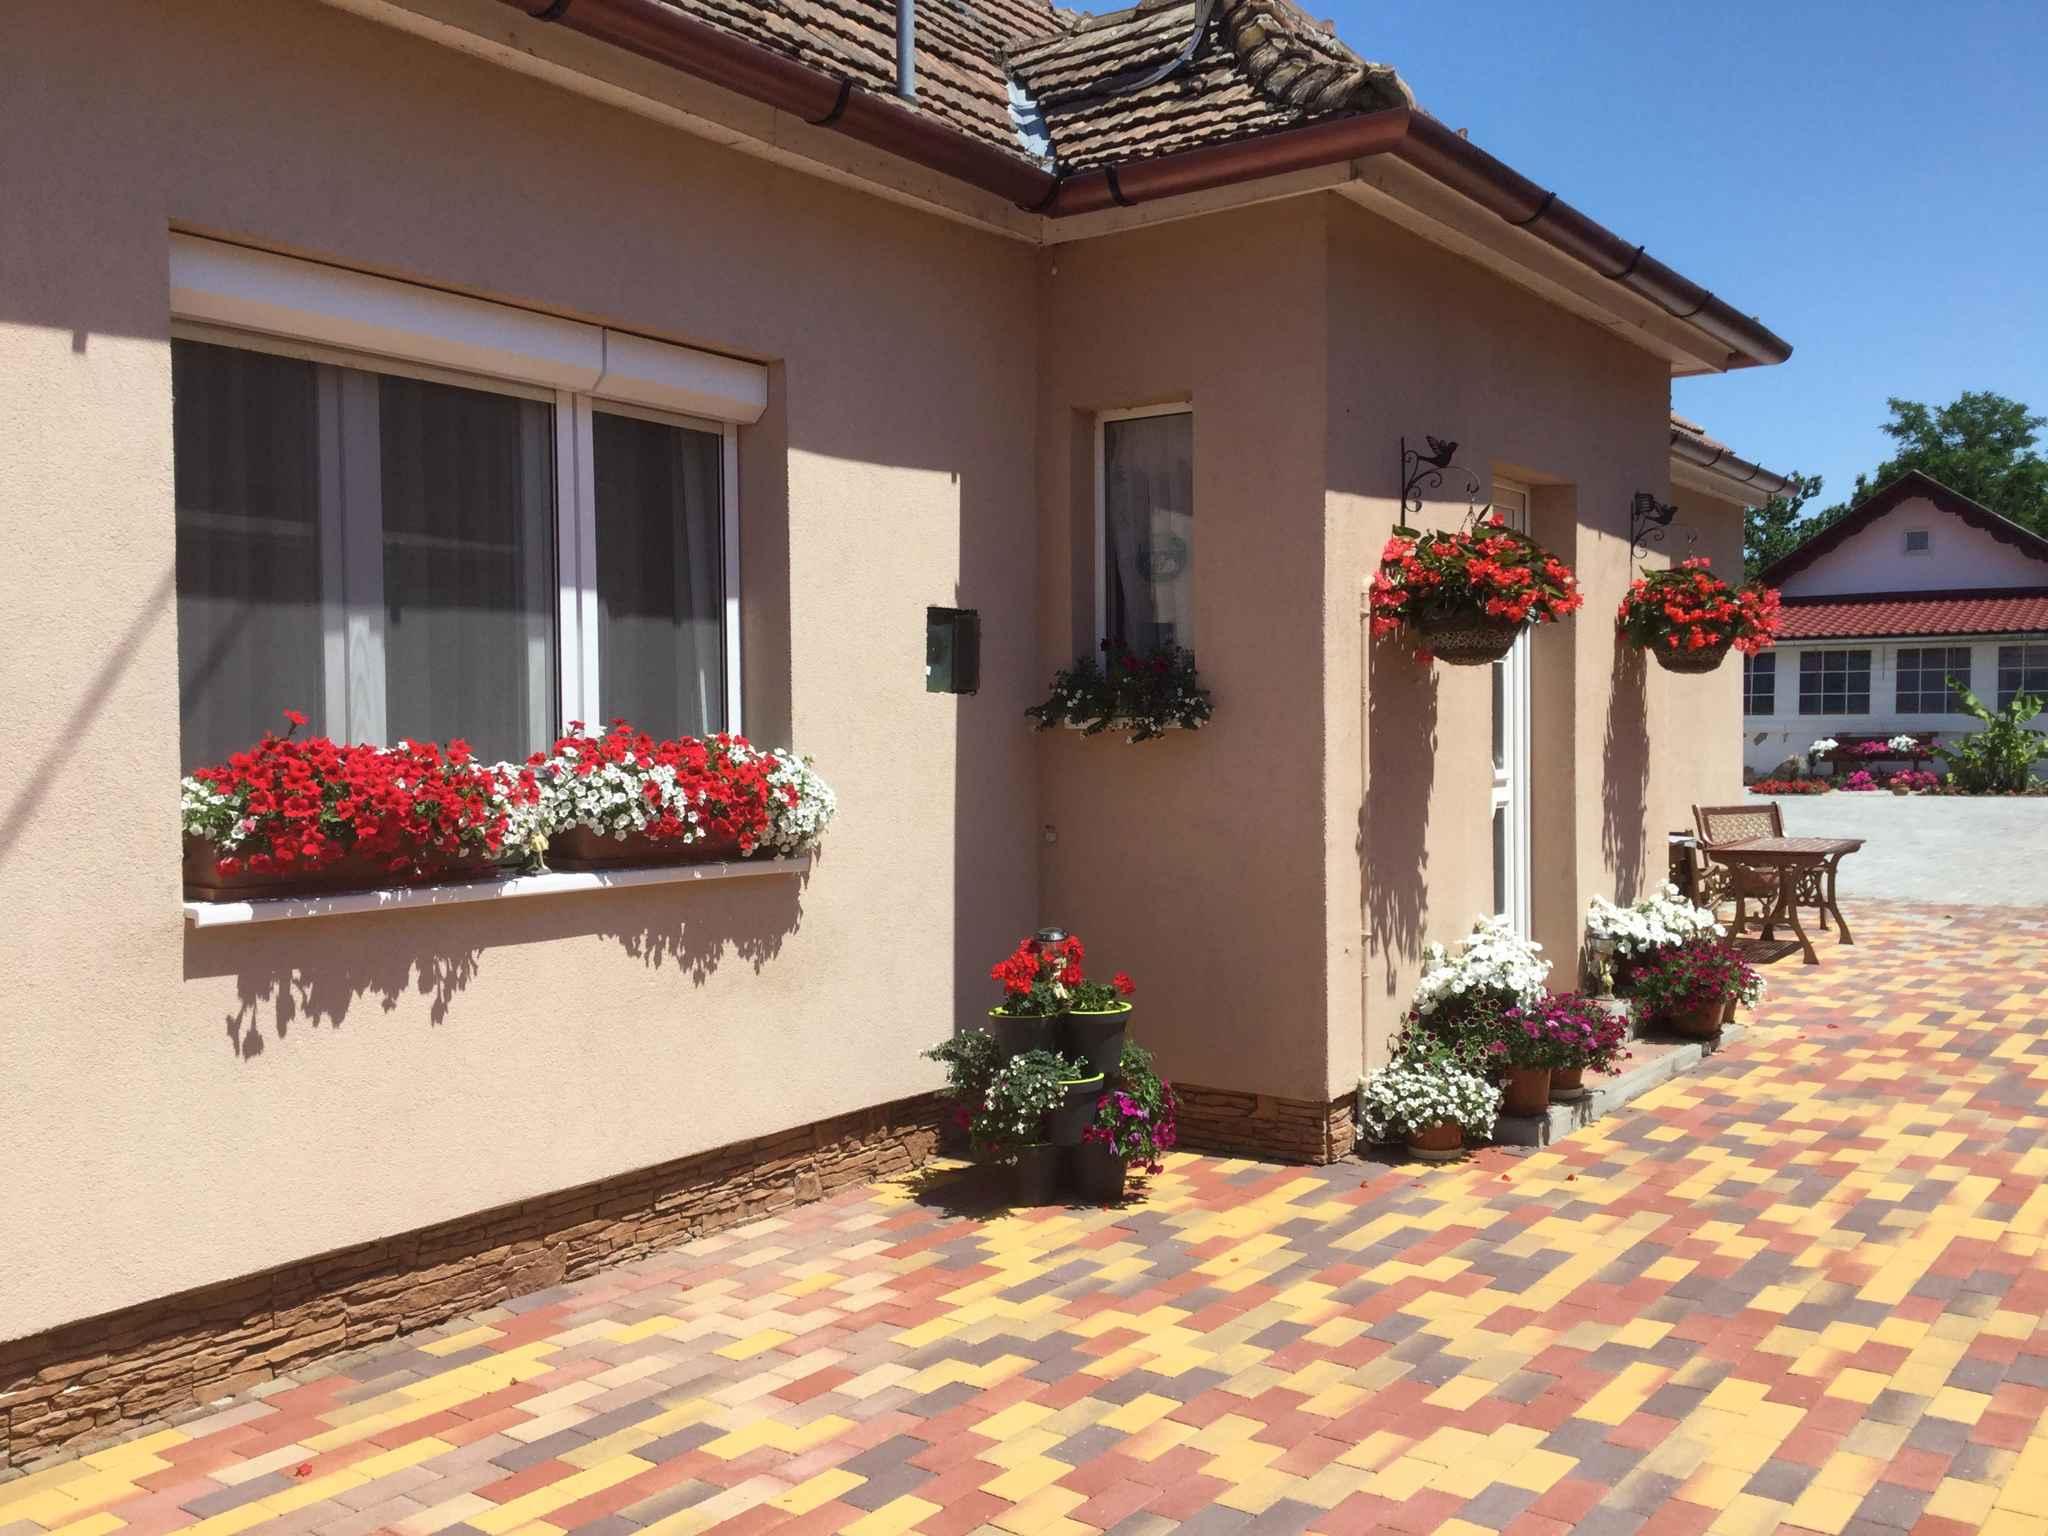 Ferienhaus mit Kamin, Waschmaschine und Geschirrsp  in Ungarn